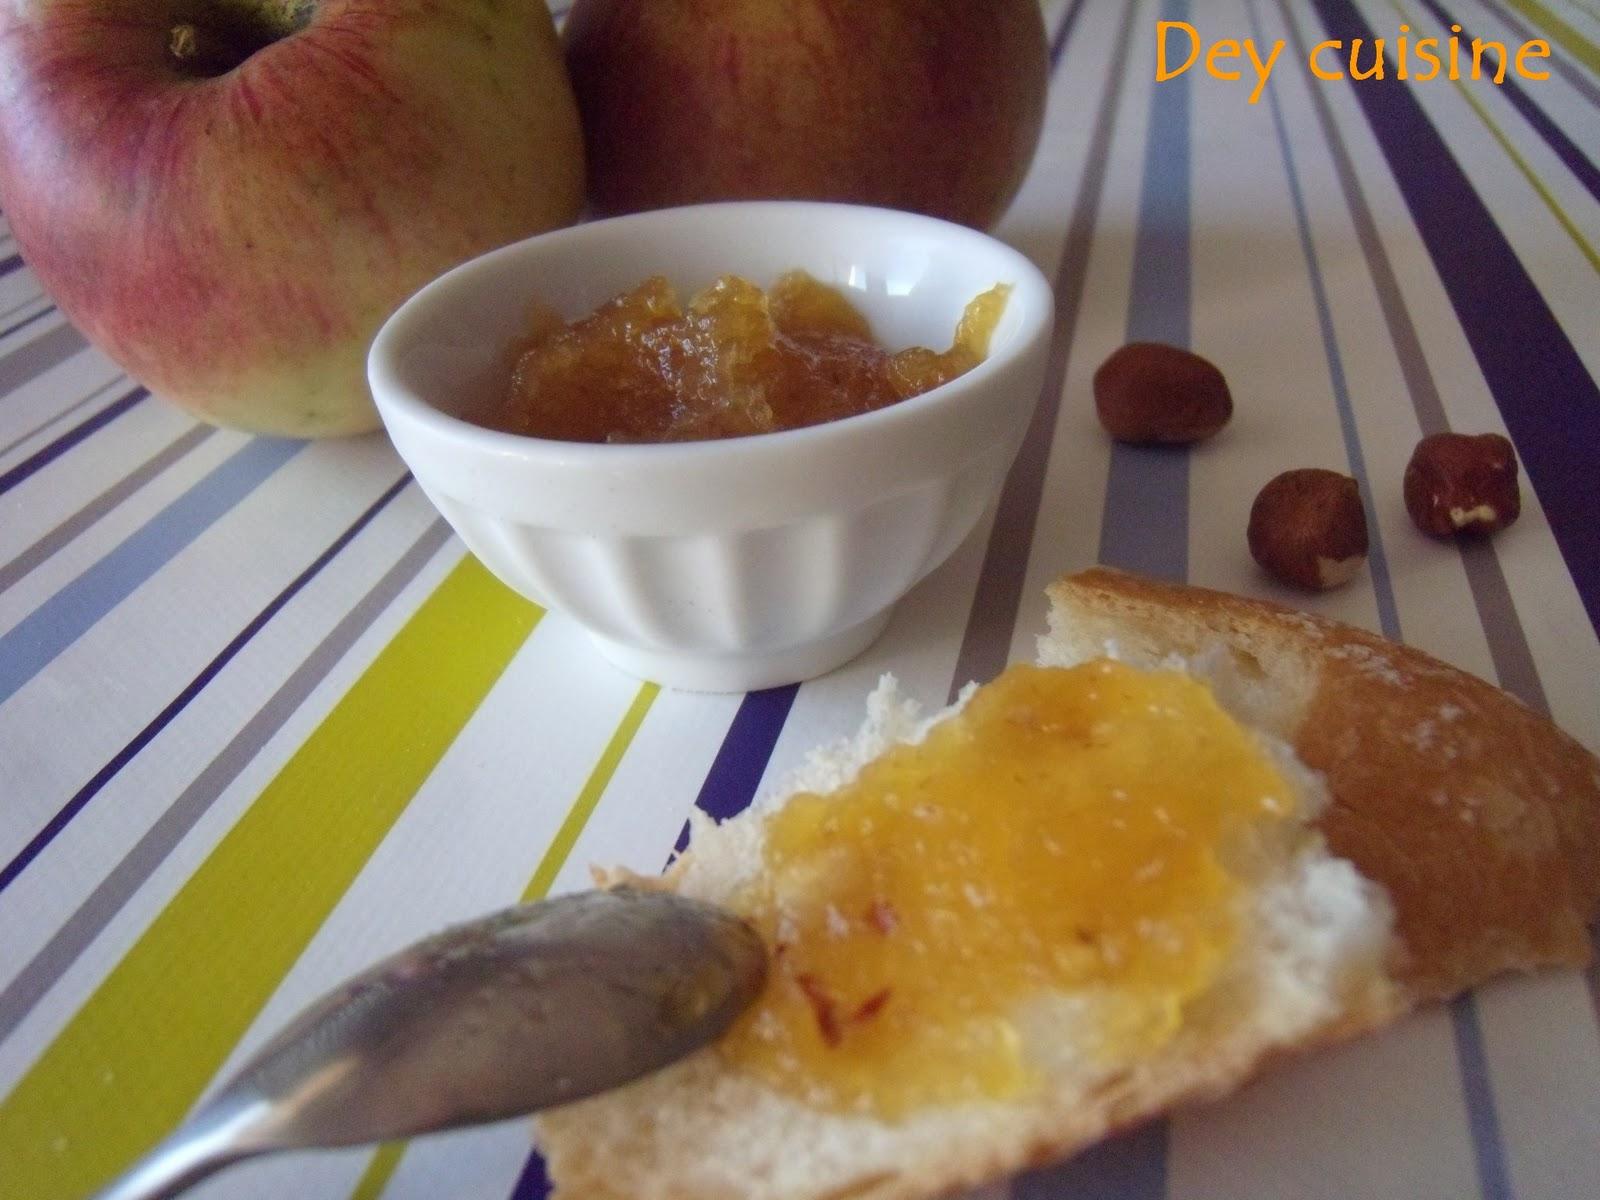 dey cuisine confiture de pommes au caramel noisette. Black Bedroom Furniture Sets. Home Design Ideas